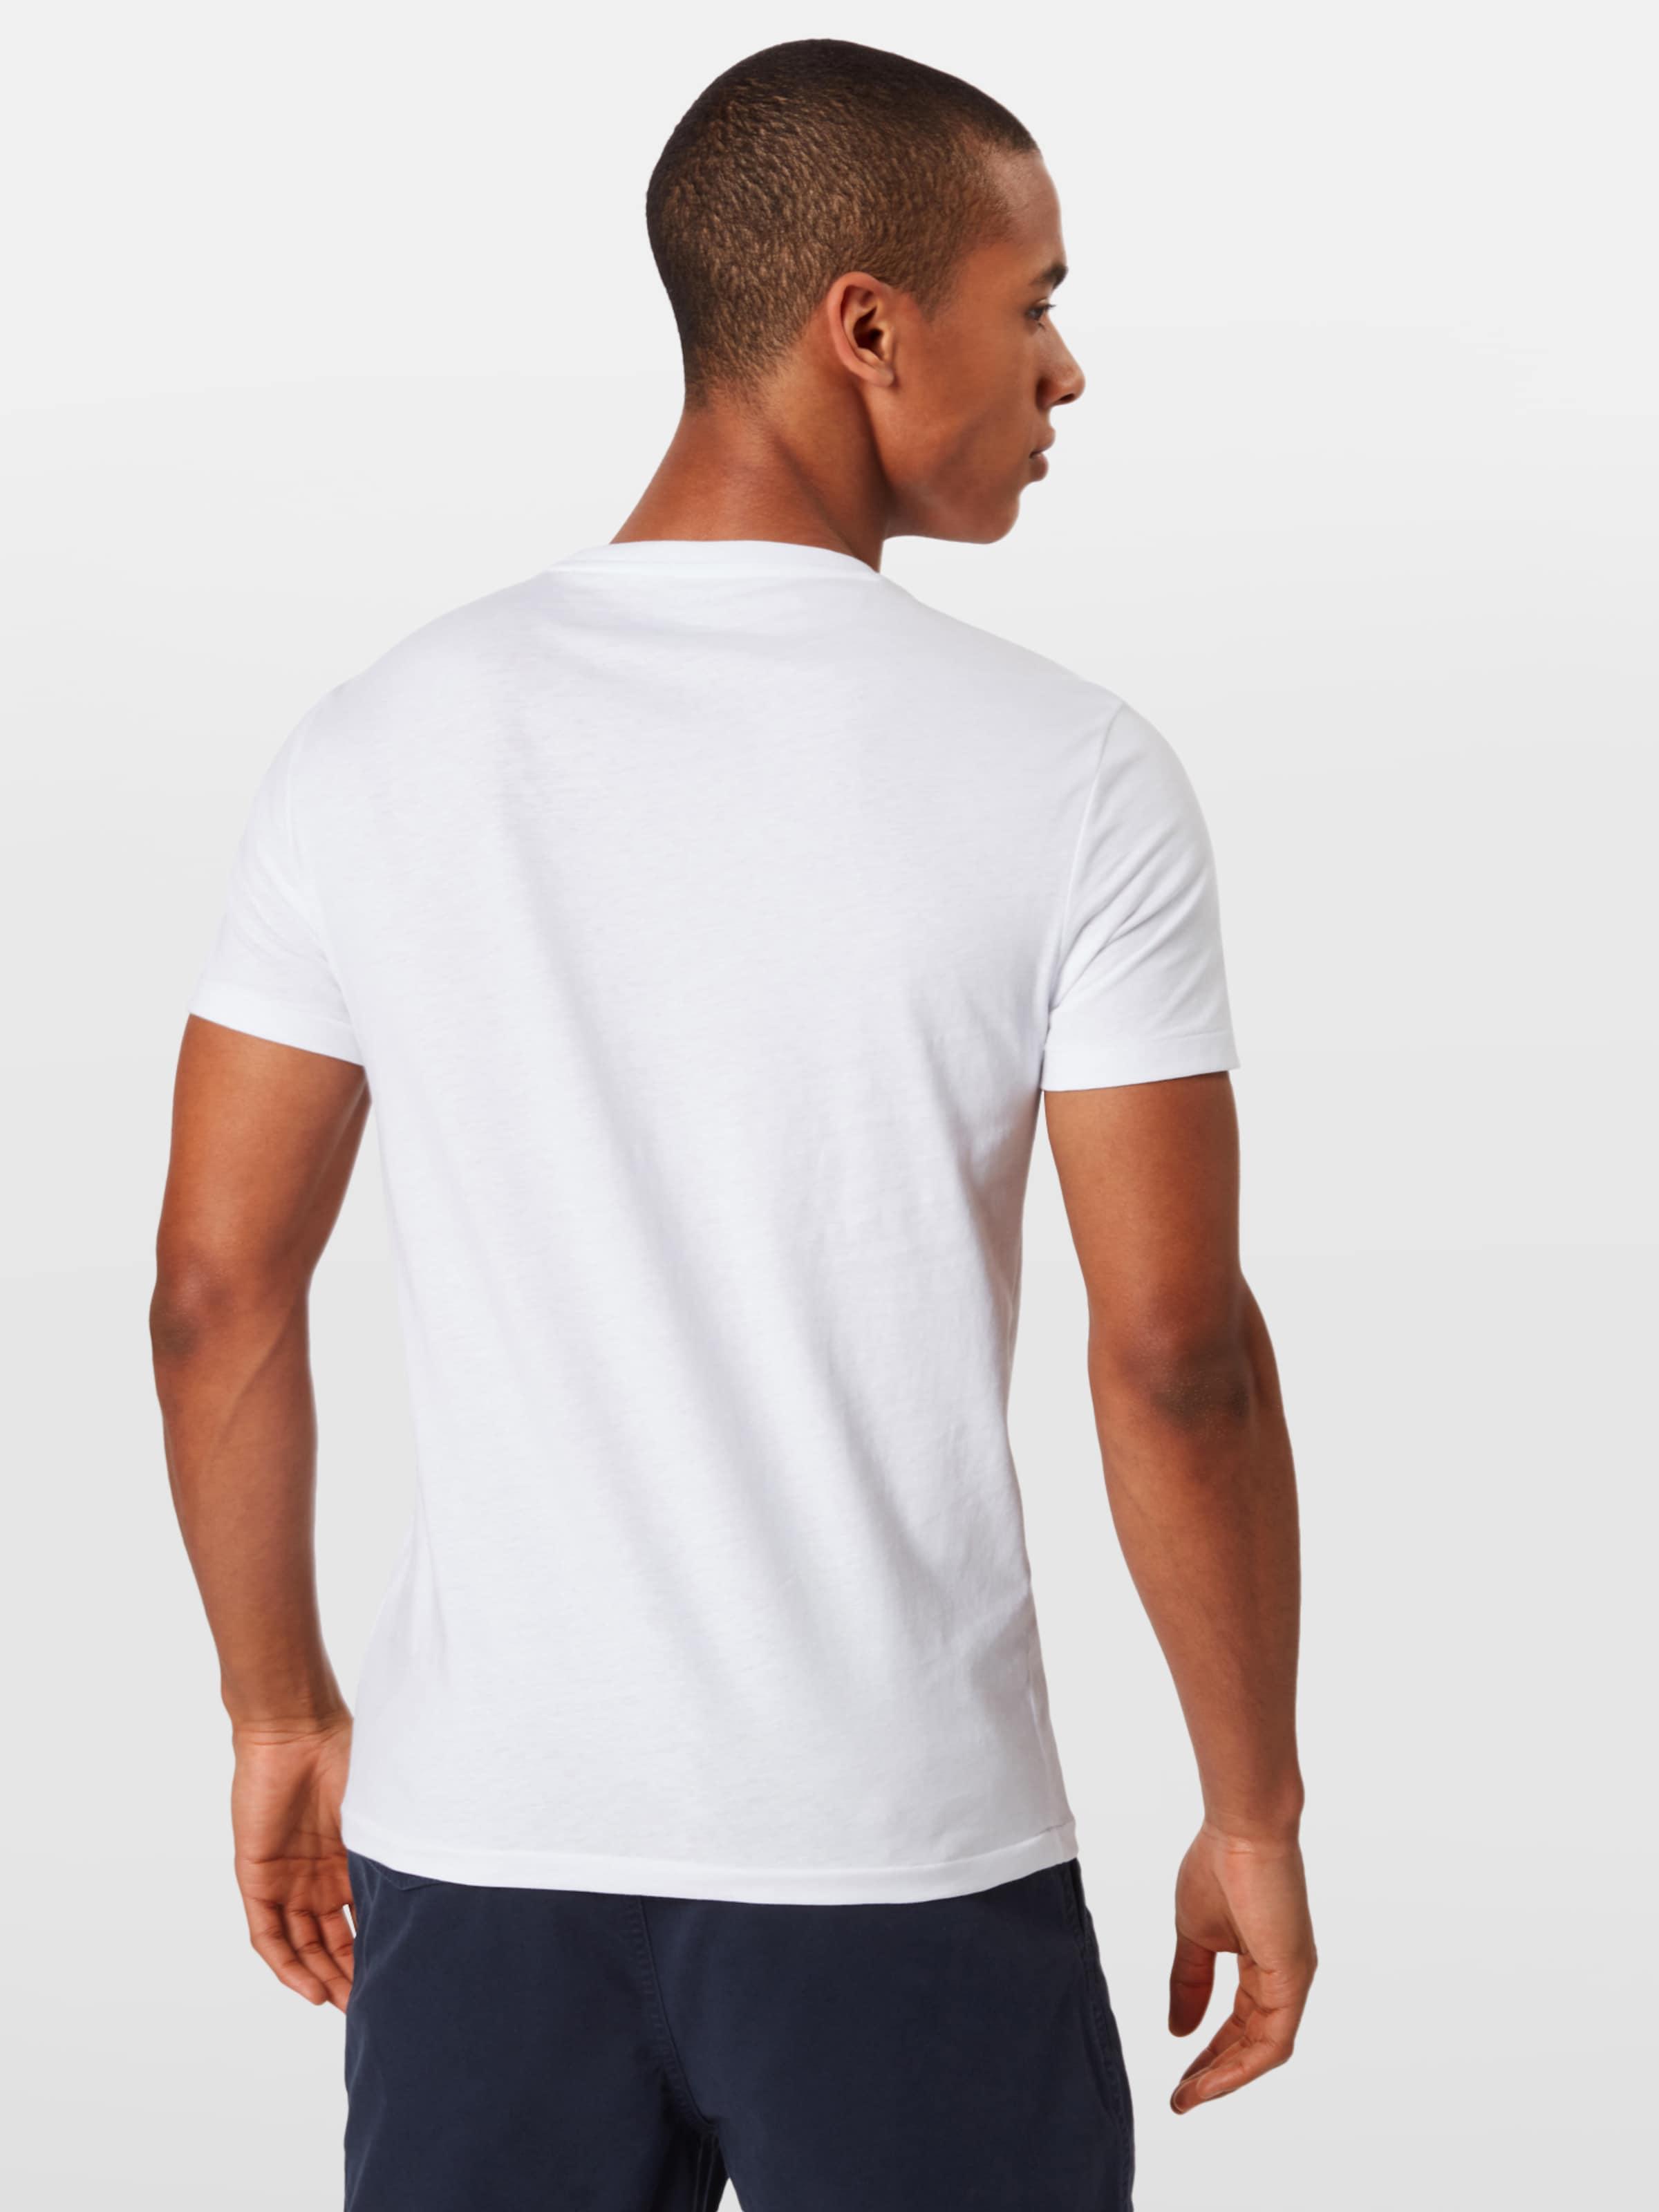 Lauren En t 'sscncmslm1 shirt shirt' T short Blanc Polo Ralph Sleeve wuXZTOPki